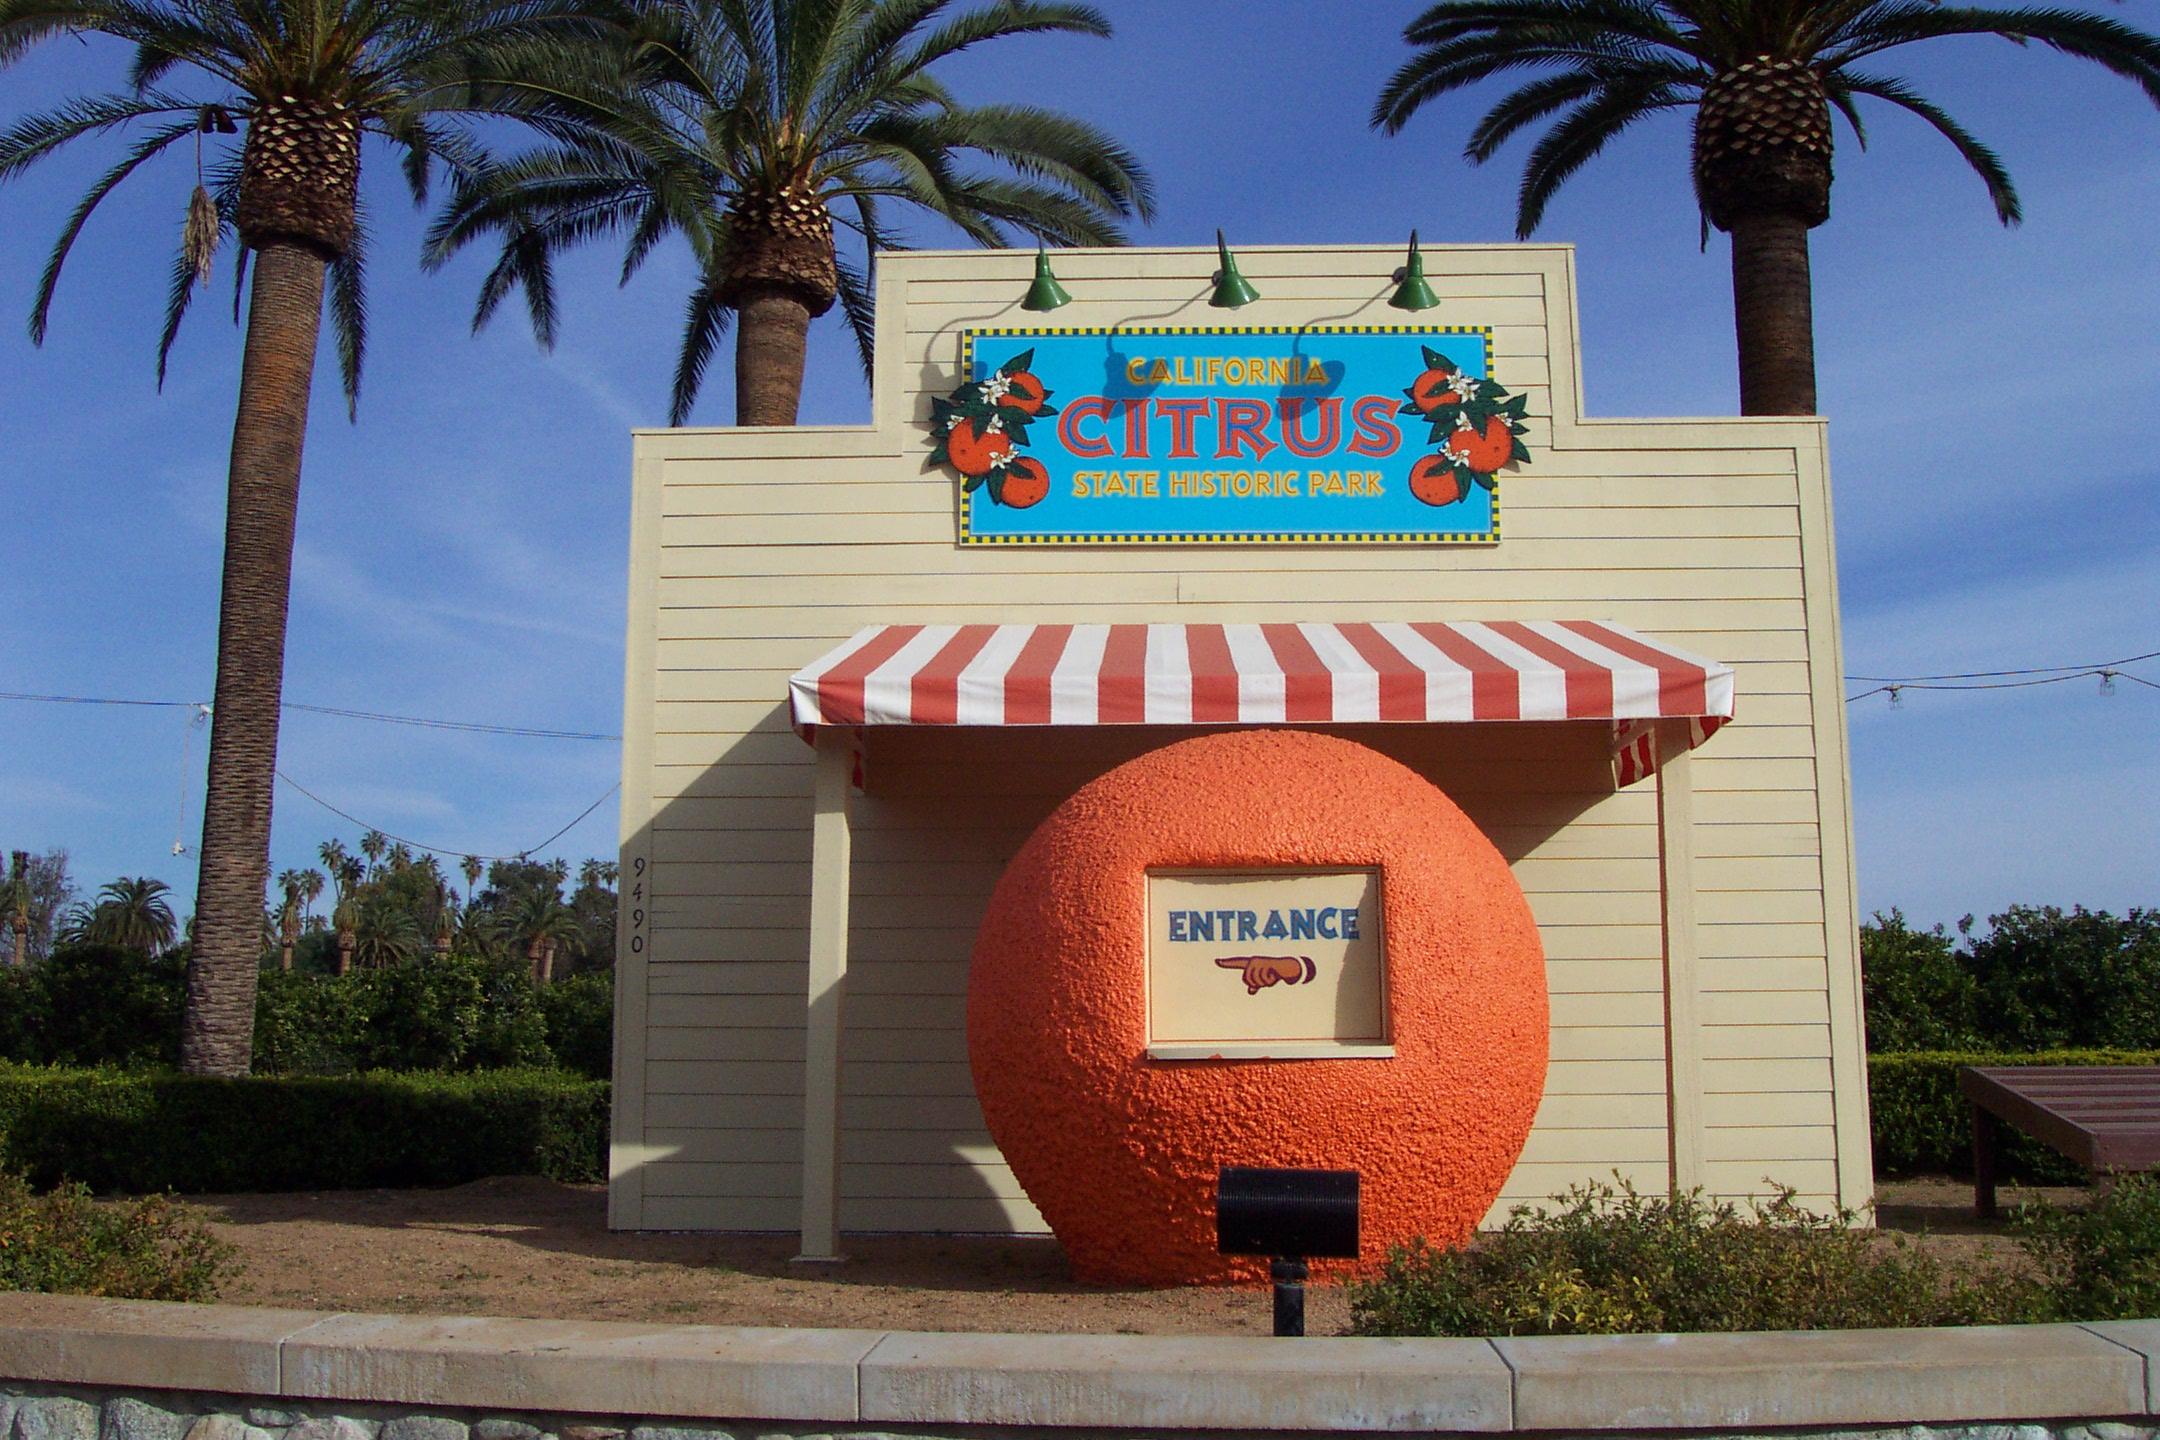 California citrus shp big orange solutioingenieria Choice Image